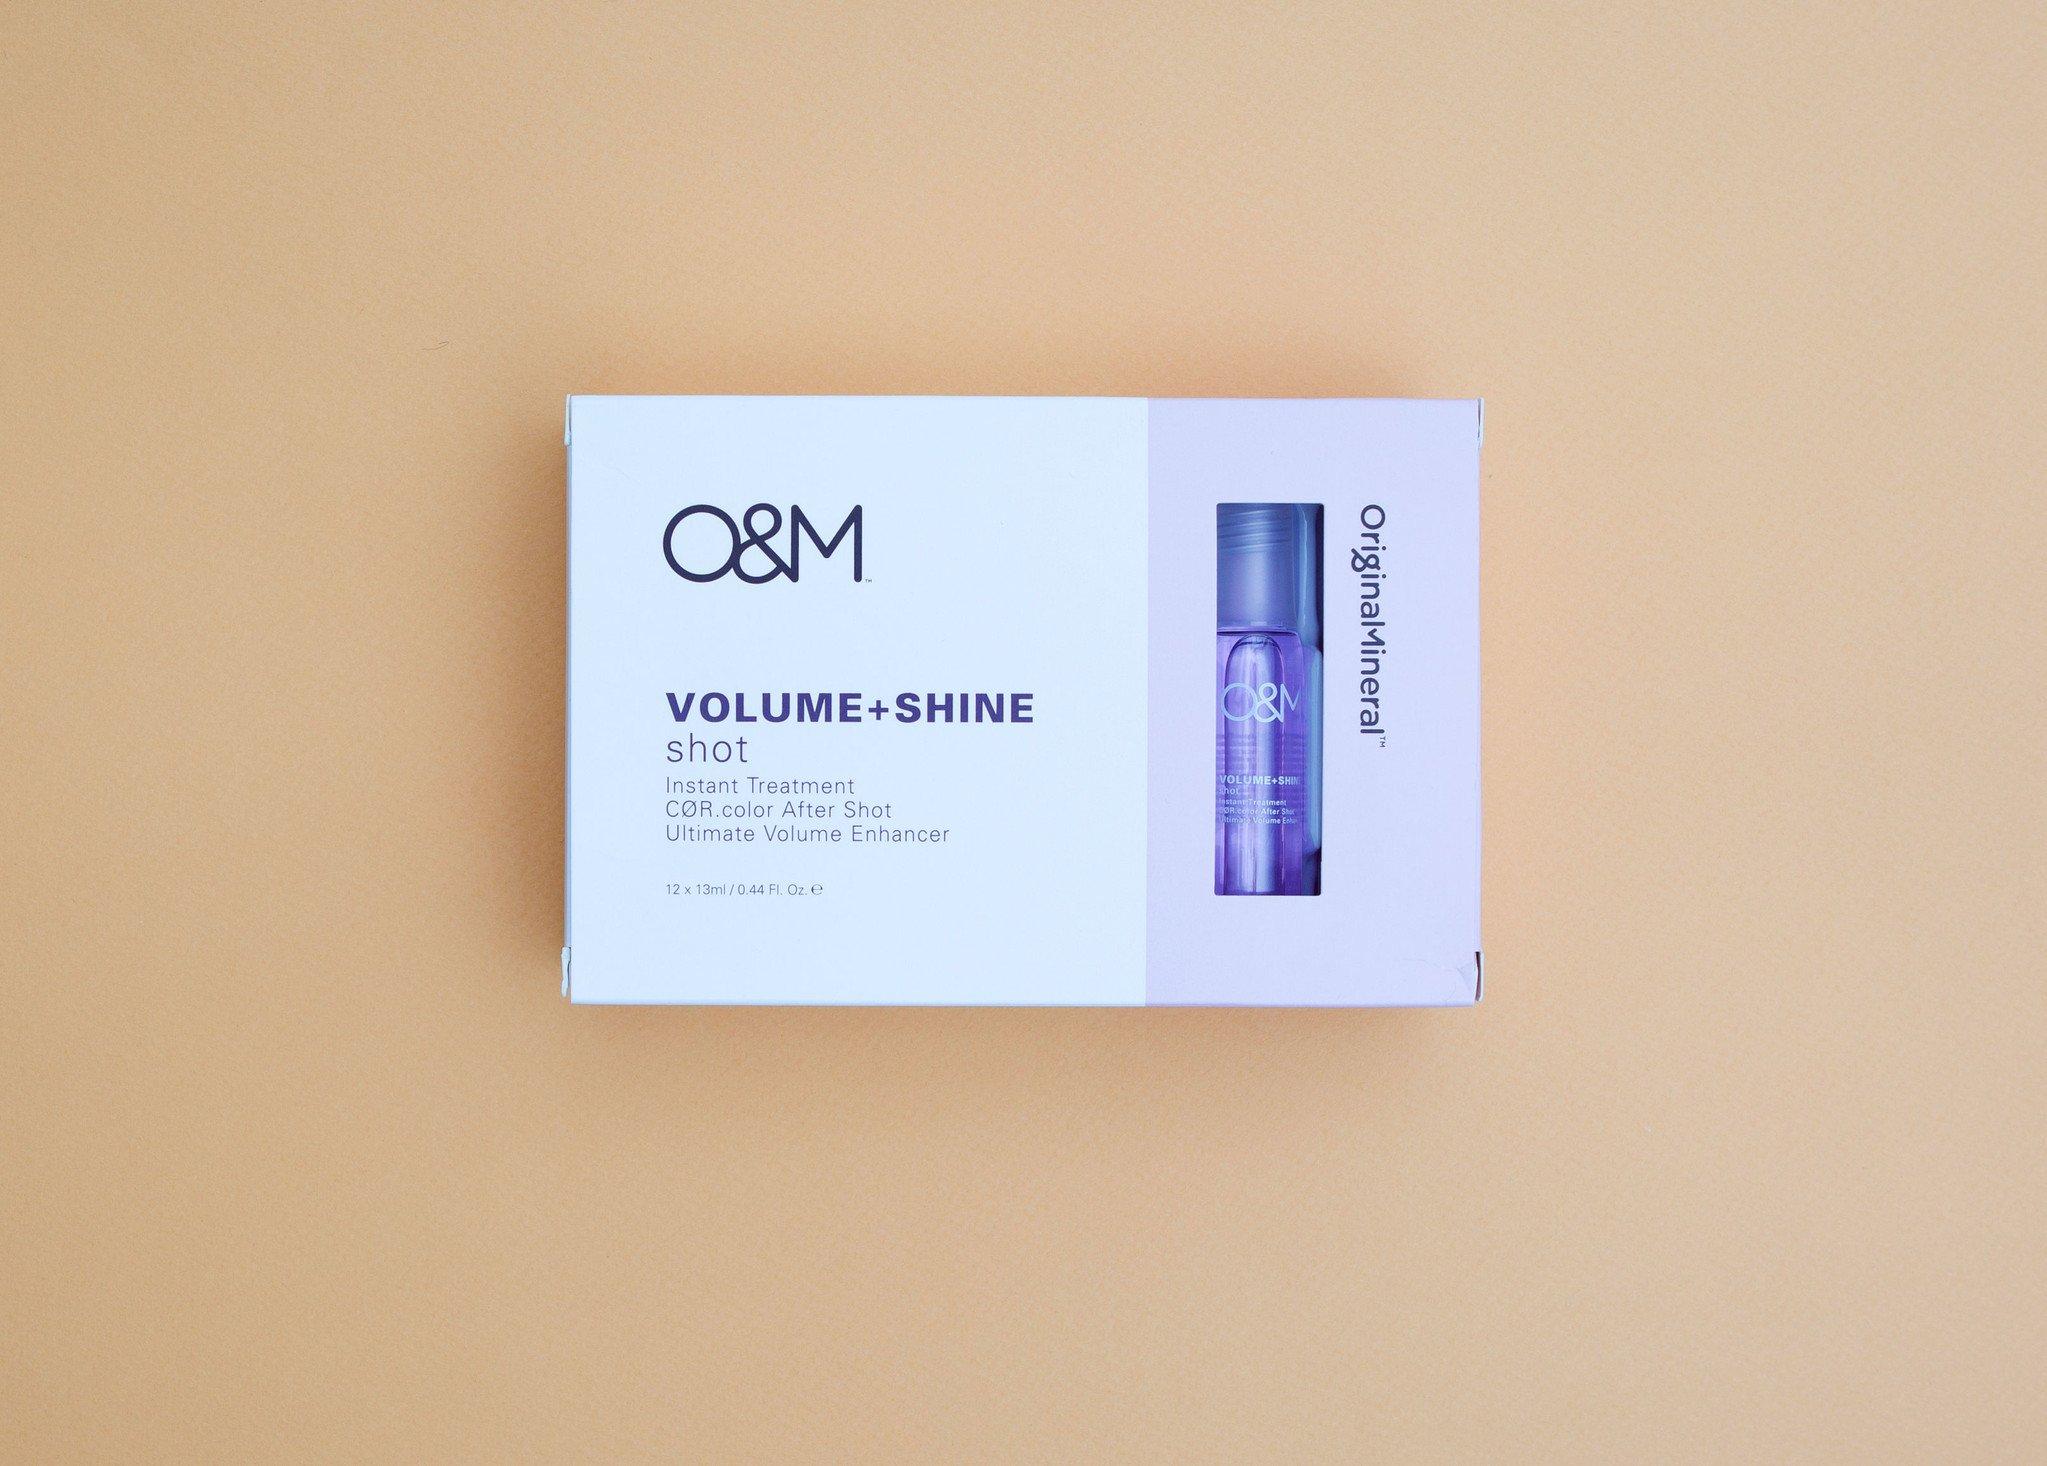 O&M - Original Mineral O&M Shine Shots - Volume + Shine - Instant Treatment 12x13ml